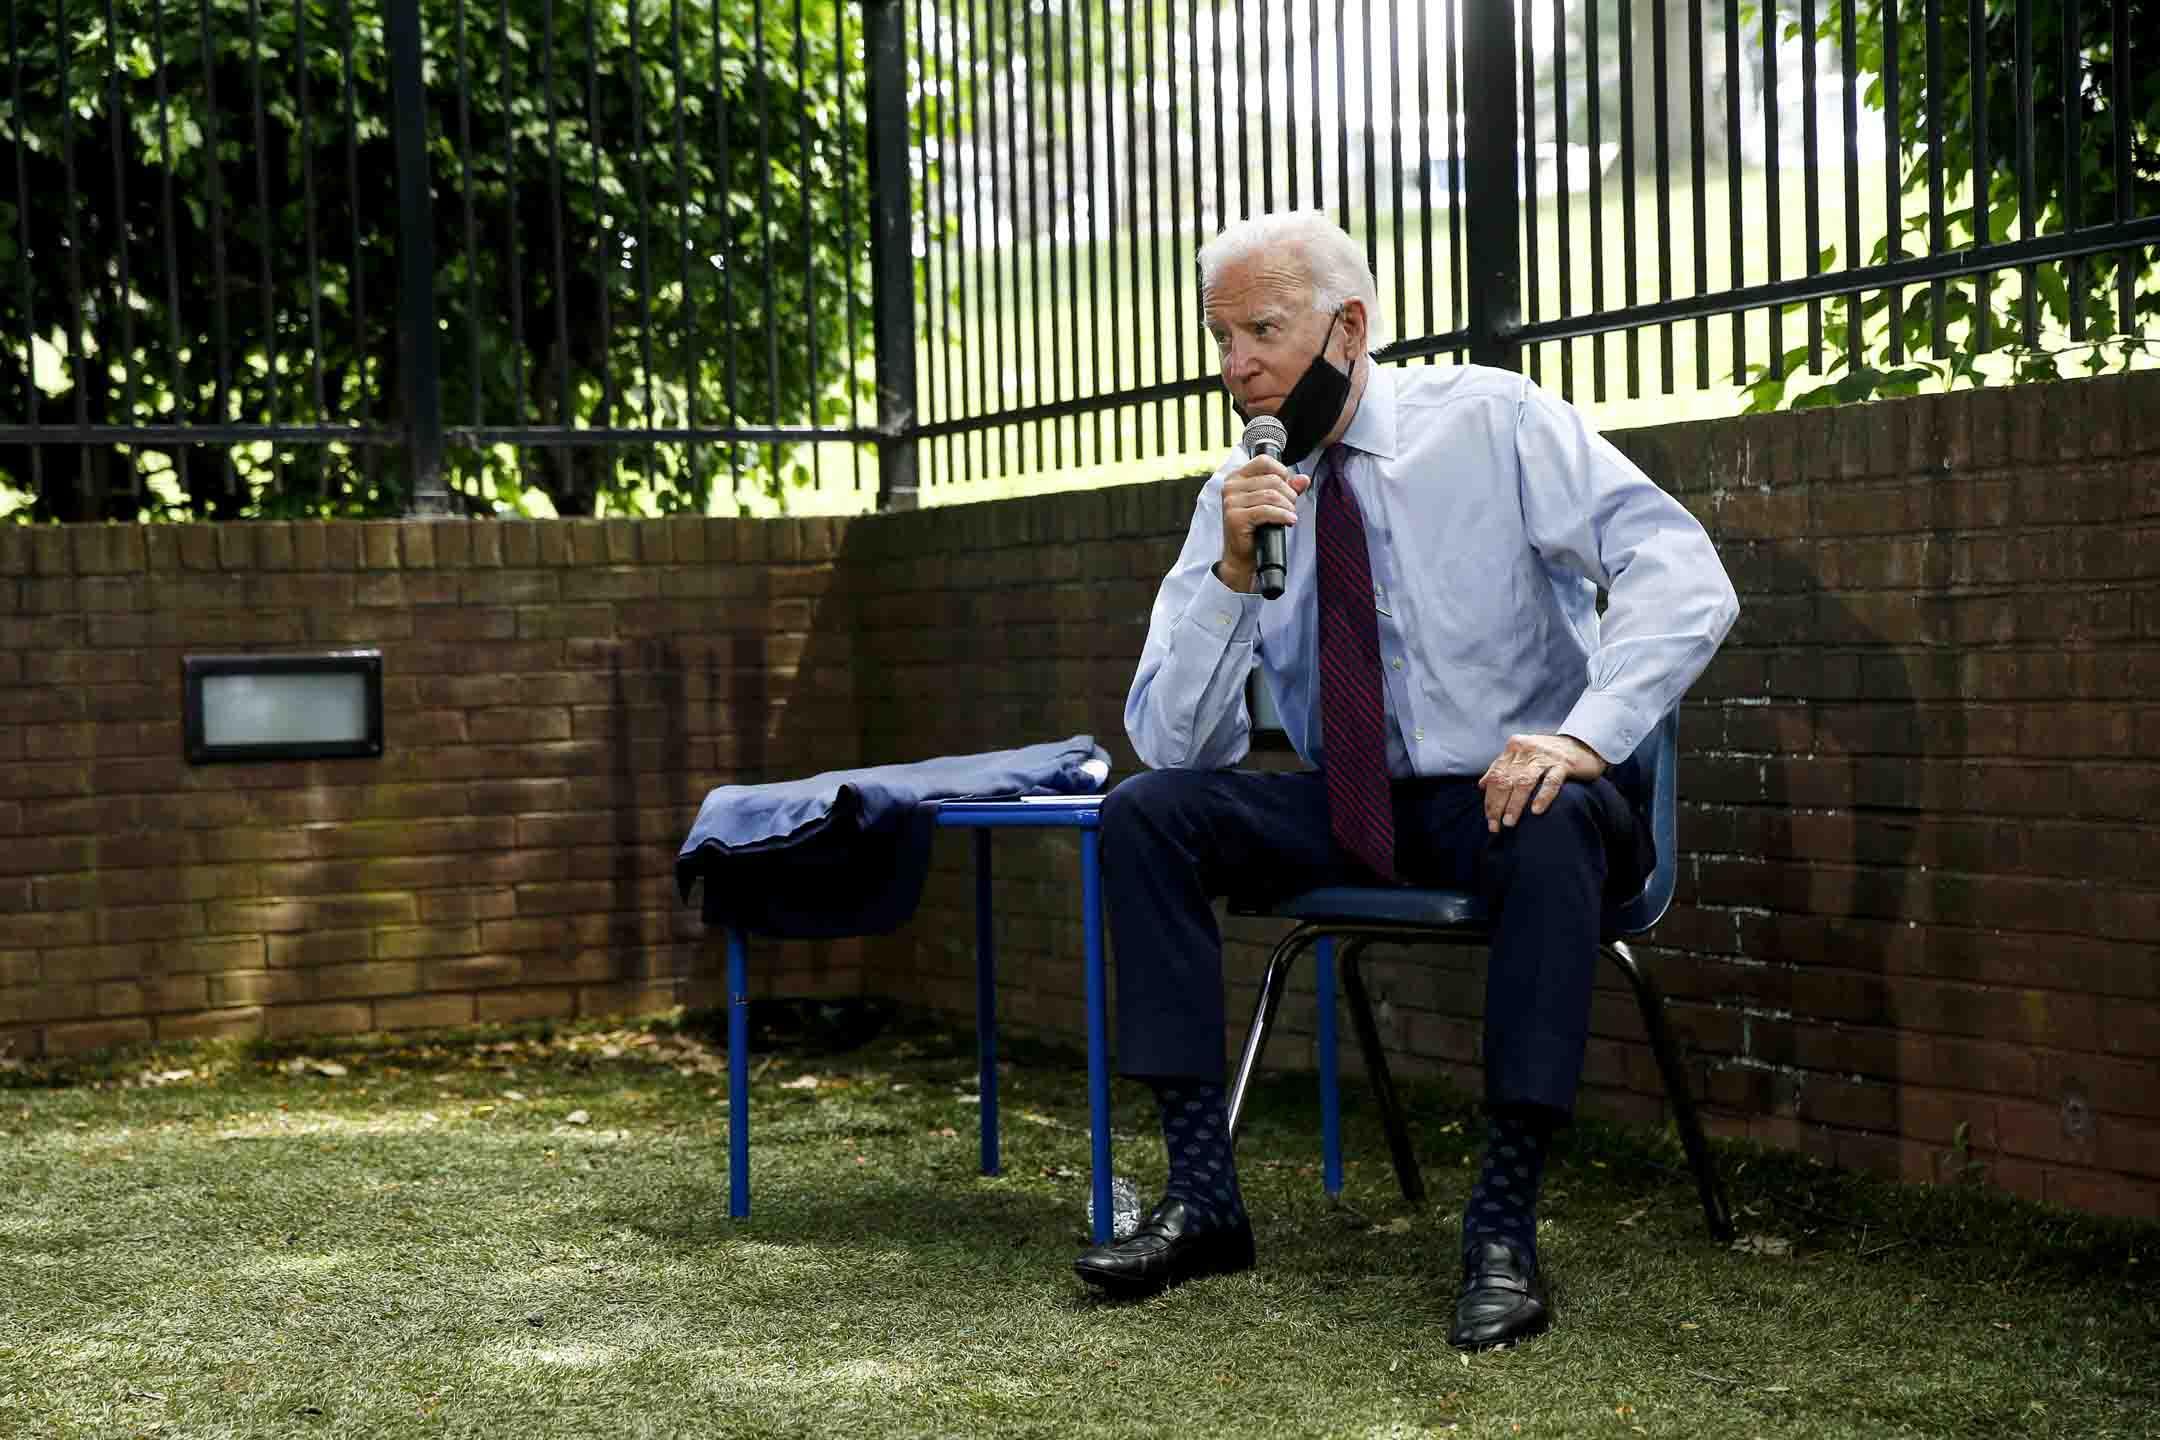 2020年6月25日,民主黨總統候選人拜登在賓夕法尼亞州蘭開斯特市進行家庭演講。 攝:Matt Slocum/AP/達志影像